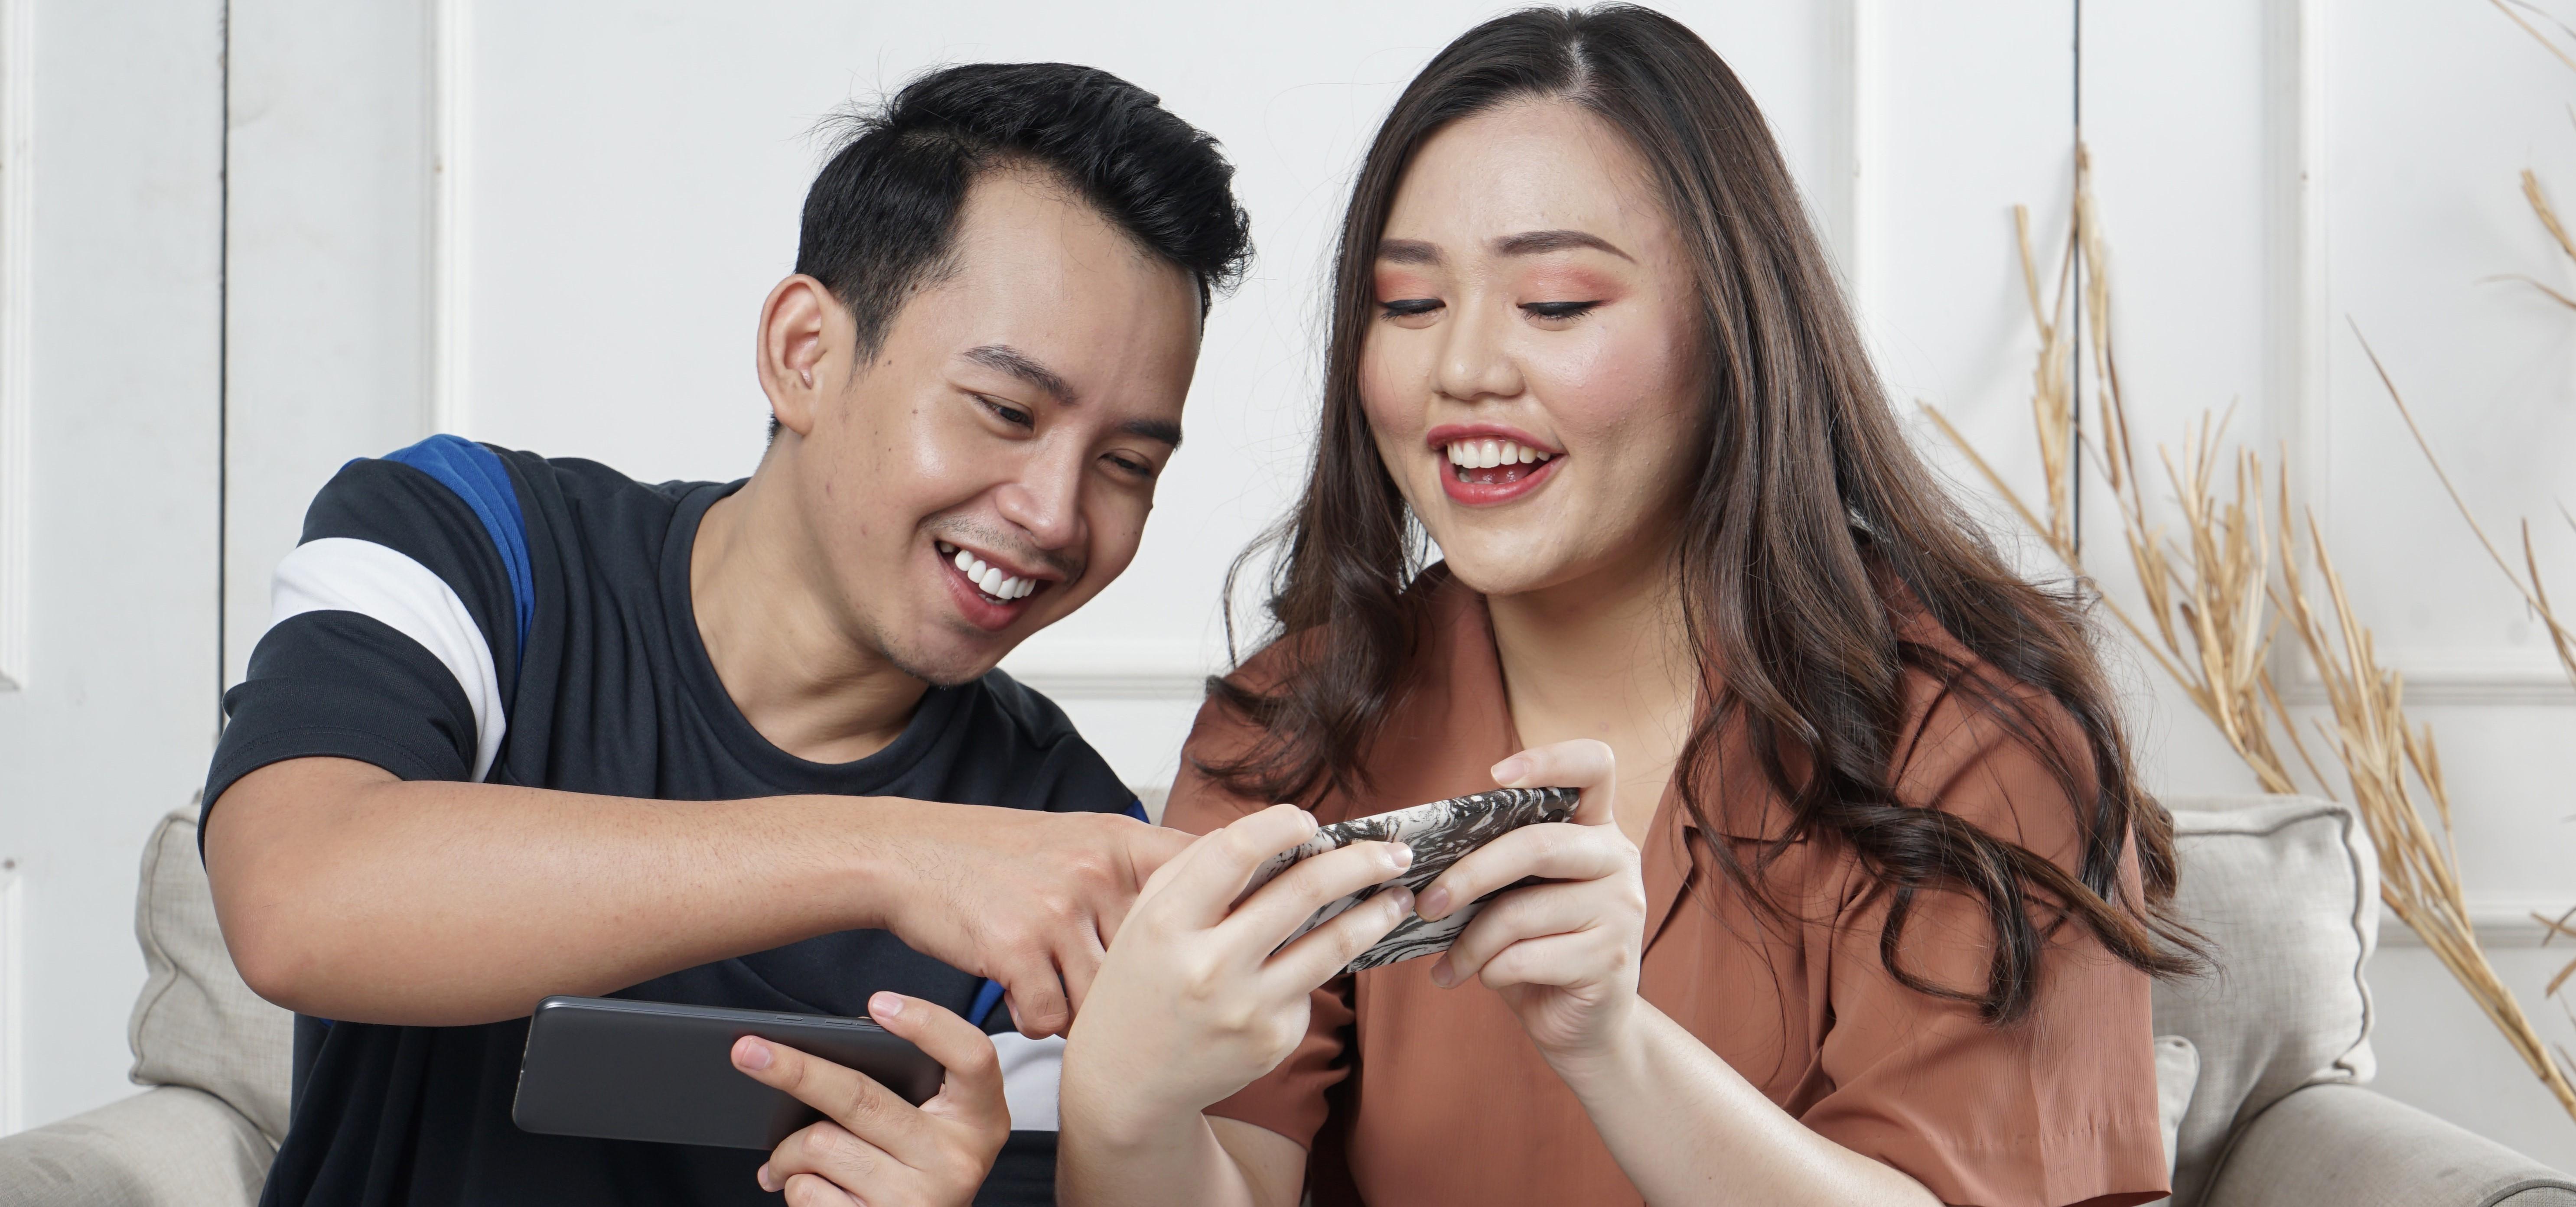 Marketing WeChat Livestream Video